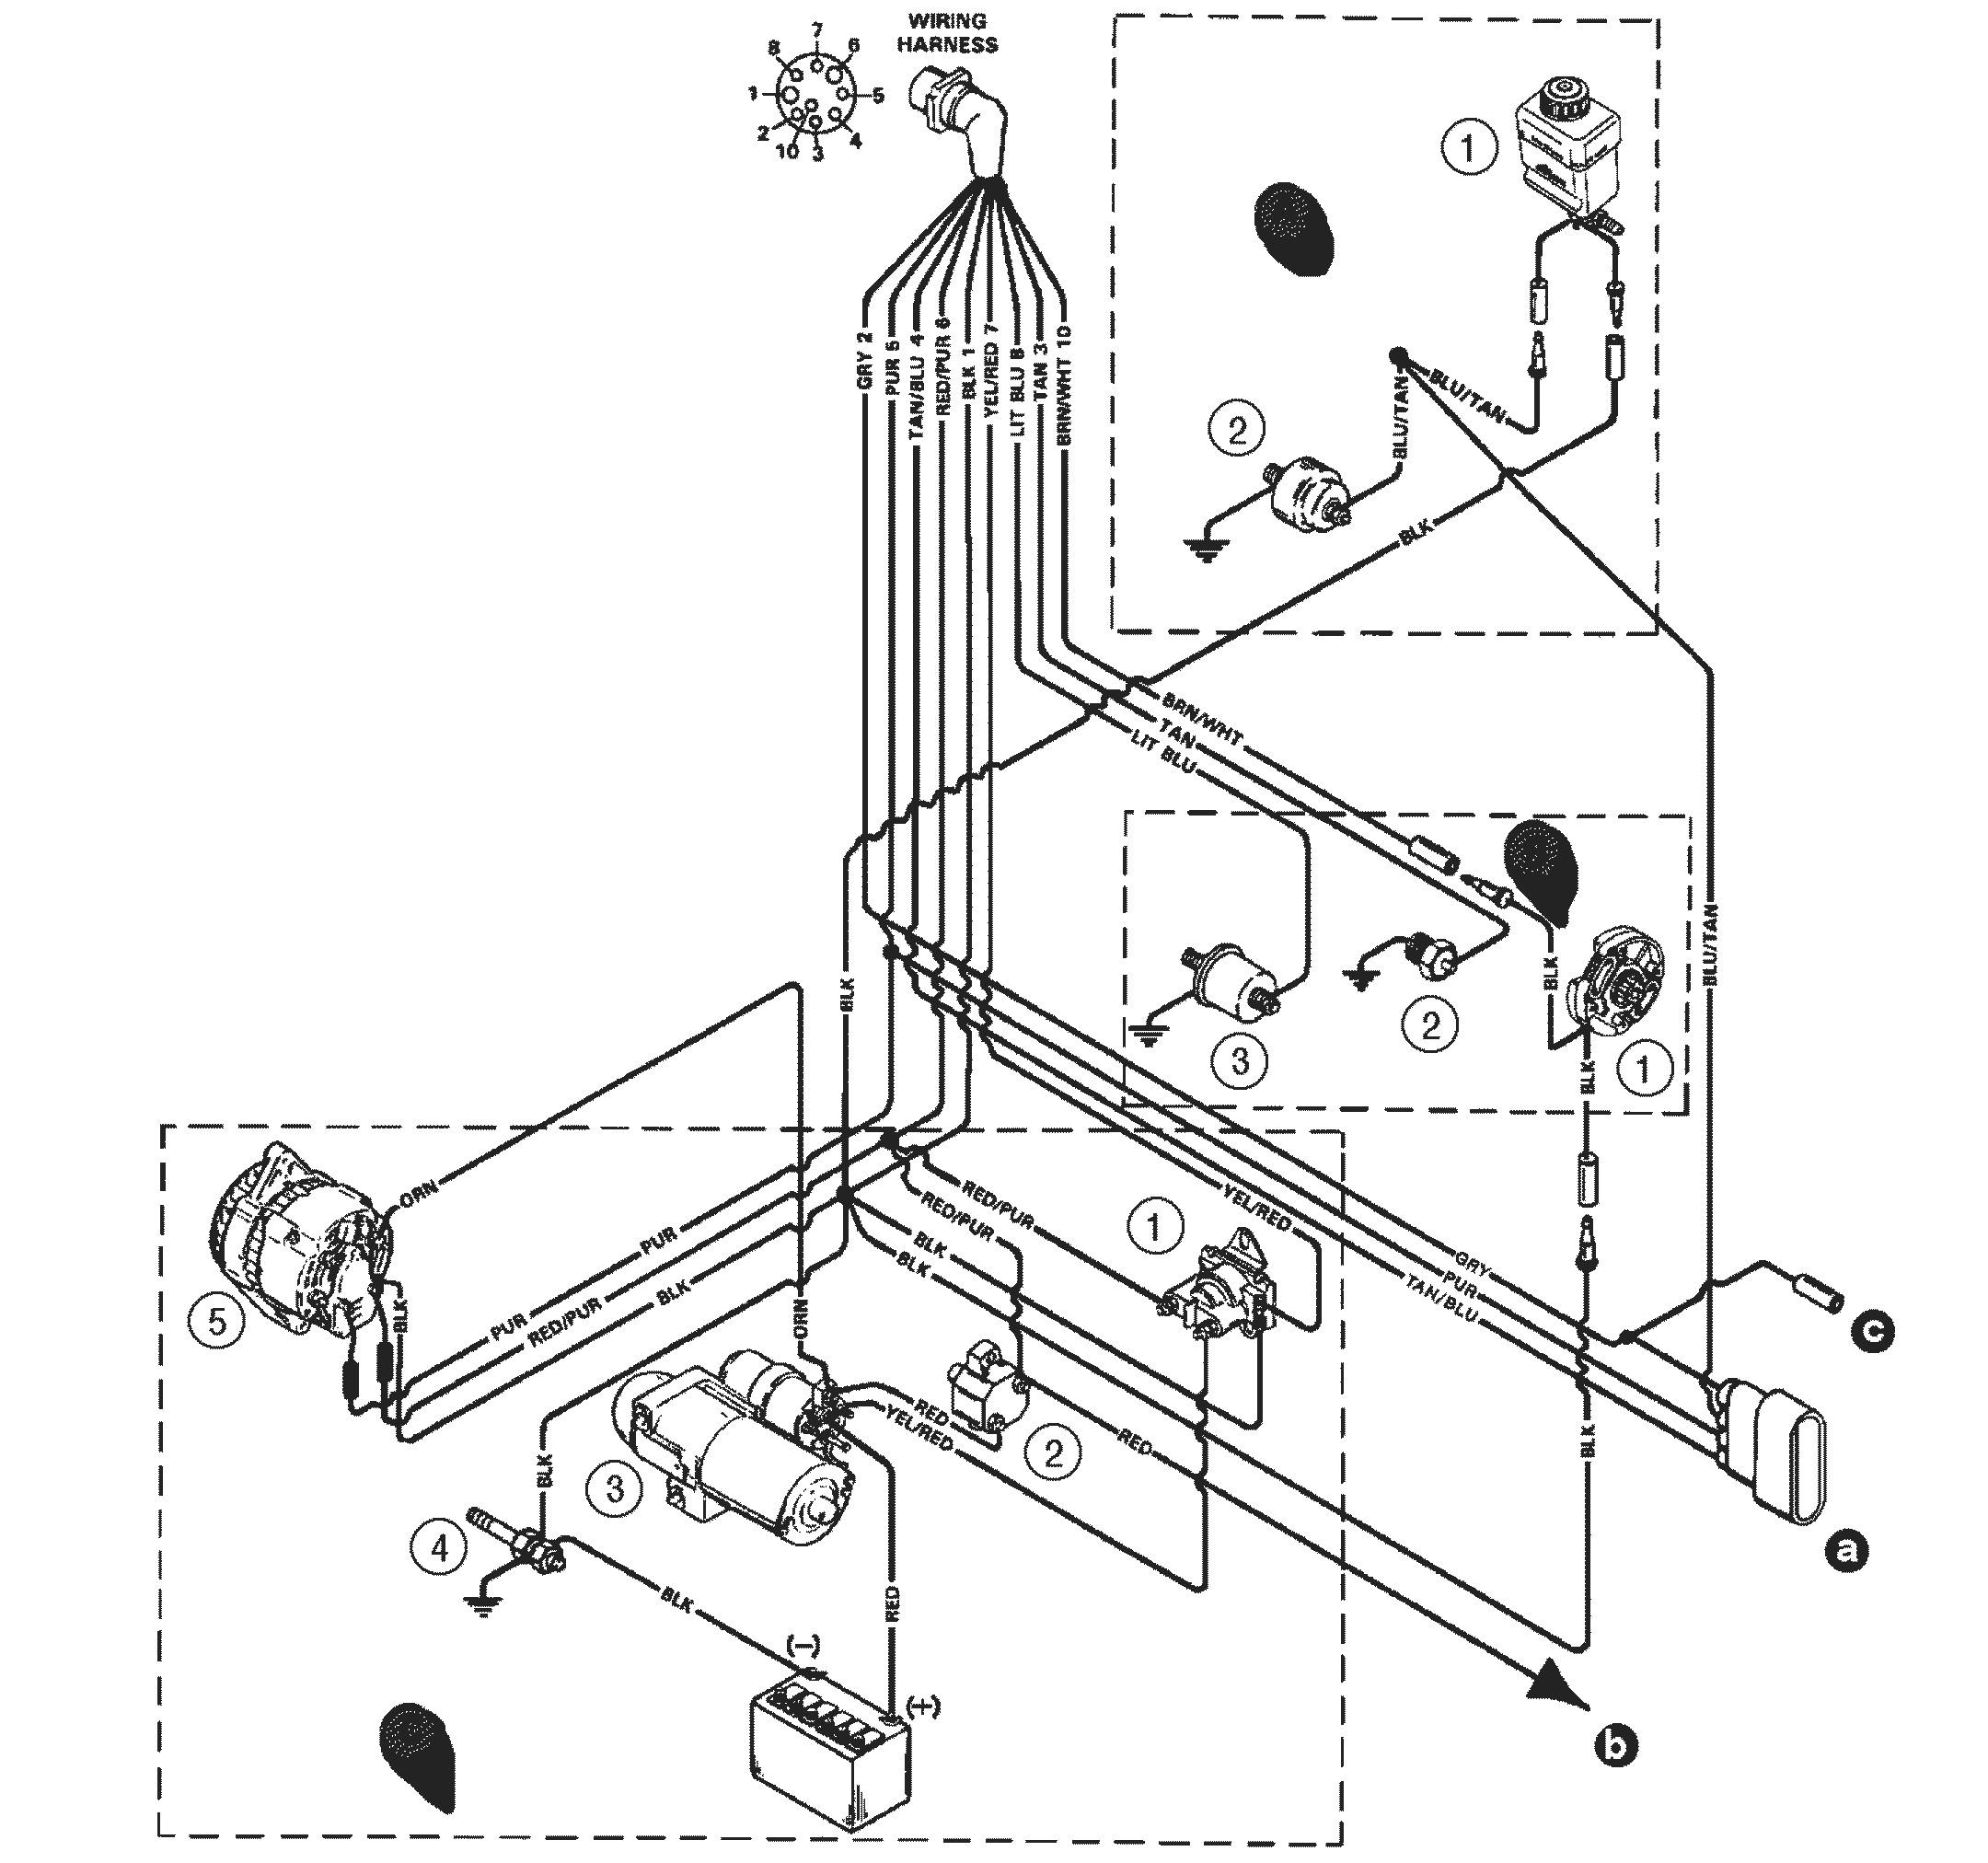 mercruiser 4 3 wiring diagram new mercruiser alternator wiring diagrams motherwill